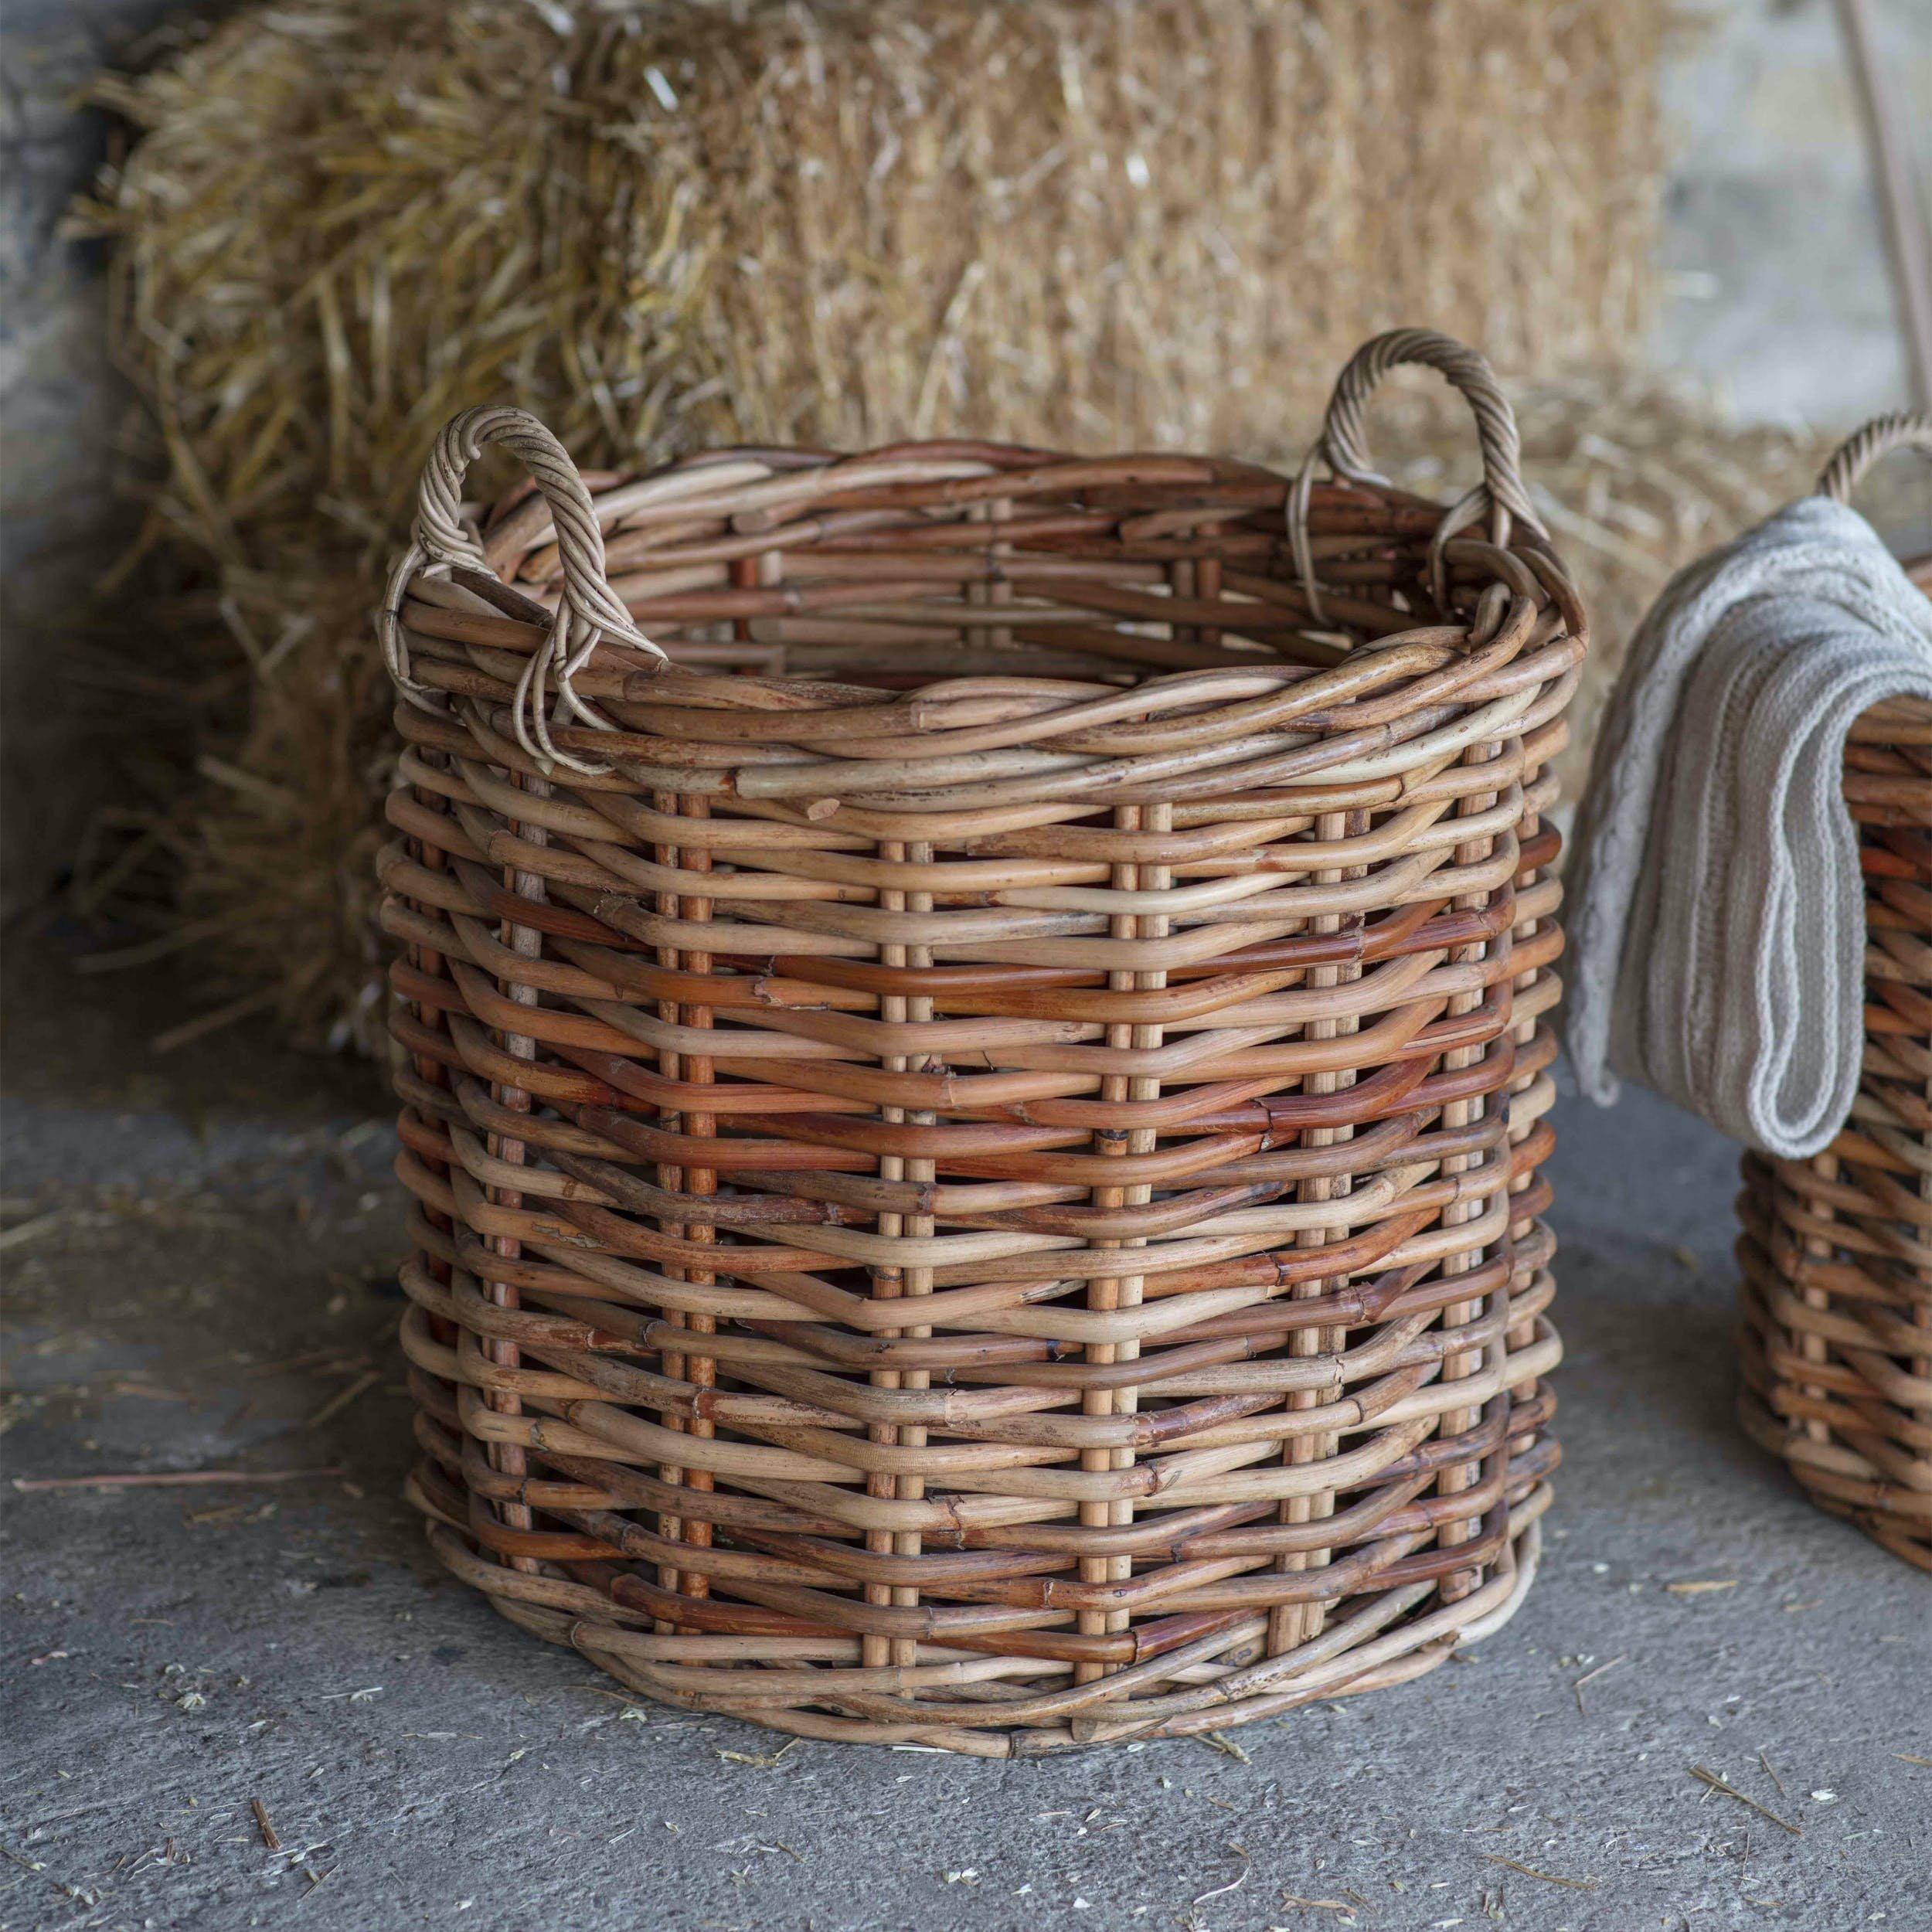 Chunky Rattan Log Baskets - save 30%